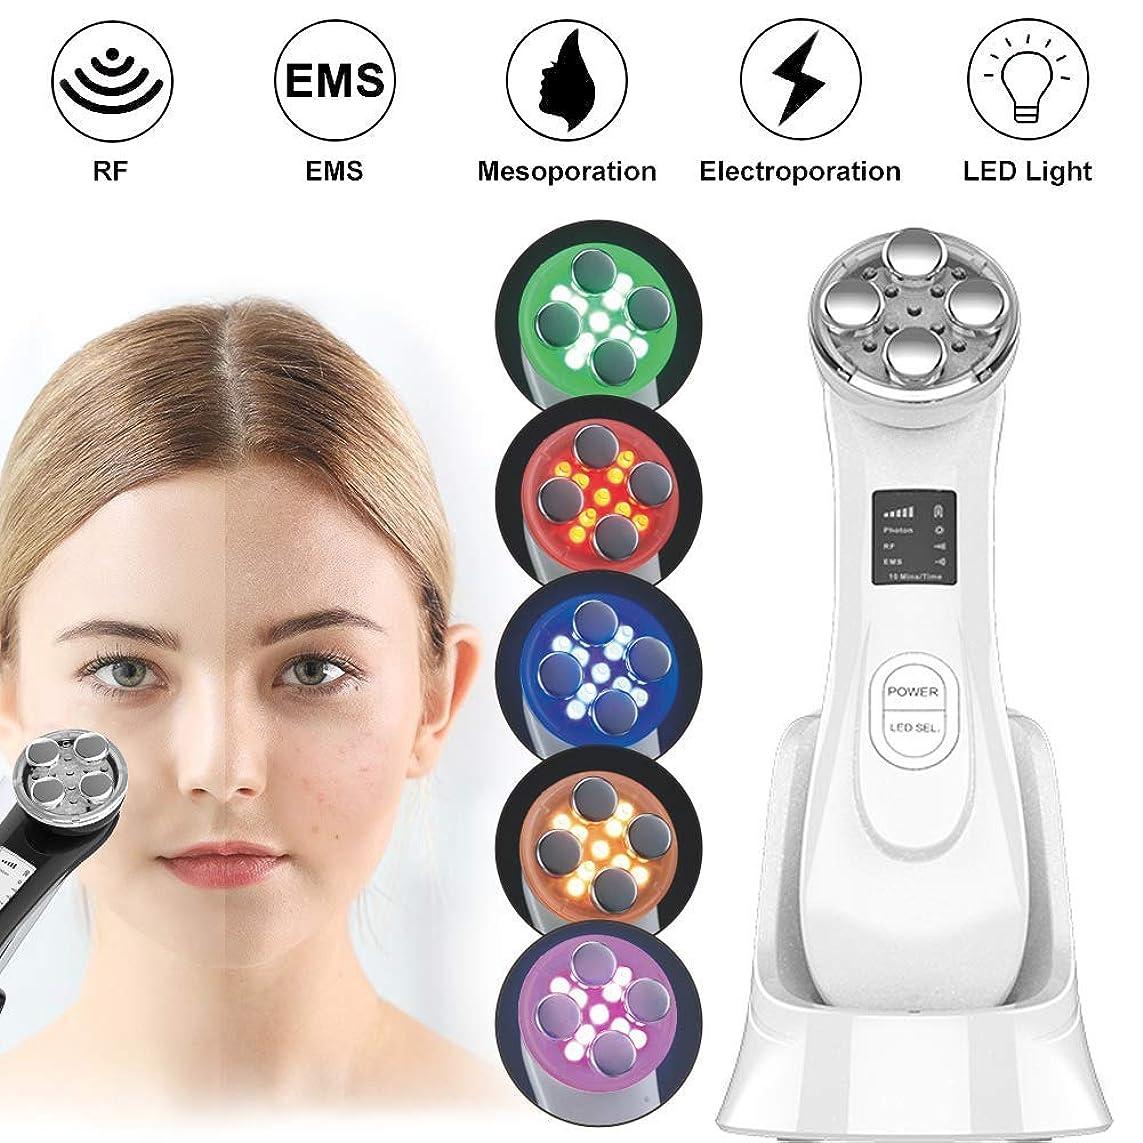 間隔ドリルフルーツ美容機器、フェイシャルマシン、5-in-1赤色LED光線療法および6モードフェイシャルマッサージスキンケアフェイシャルクレンザーアンチエイジングシワ